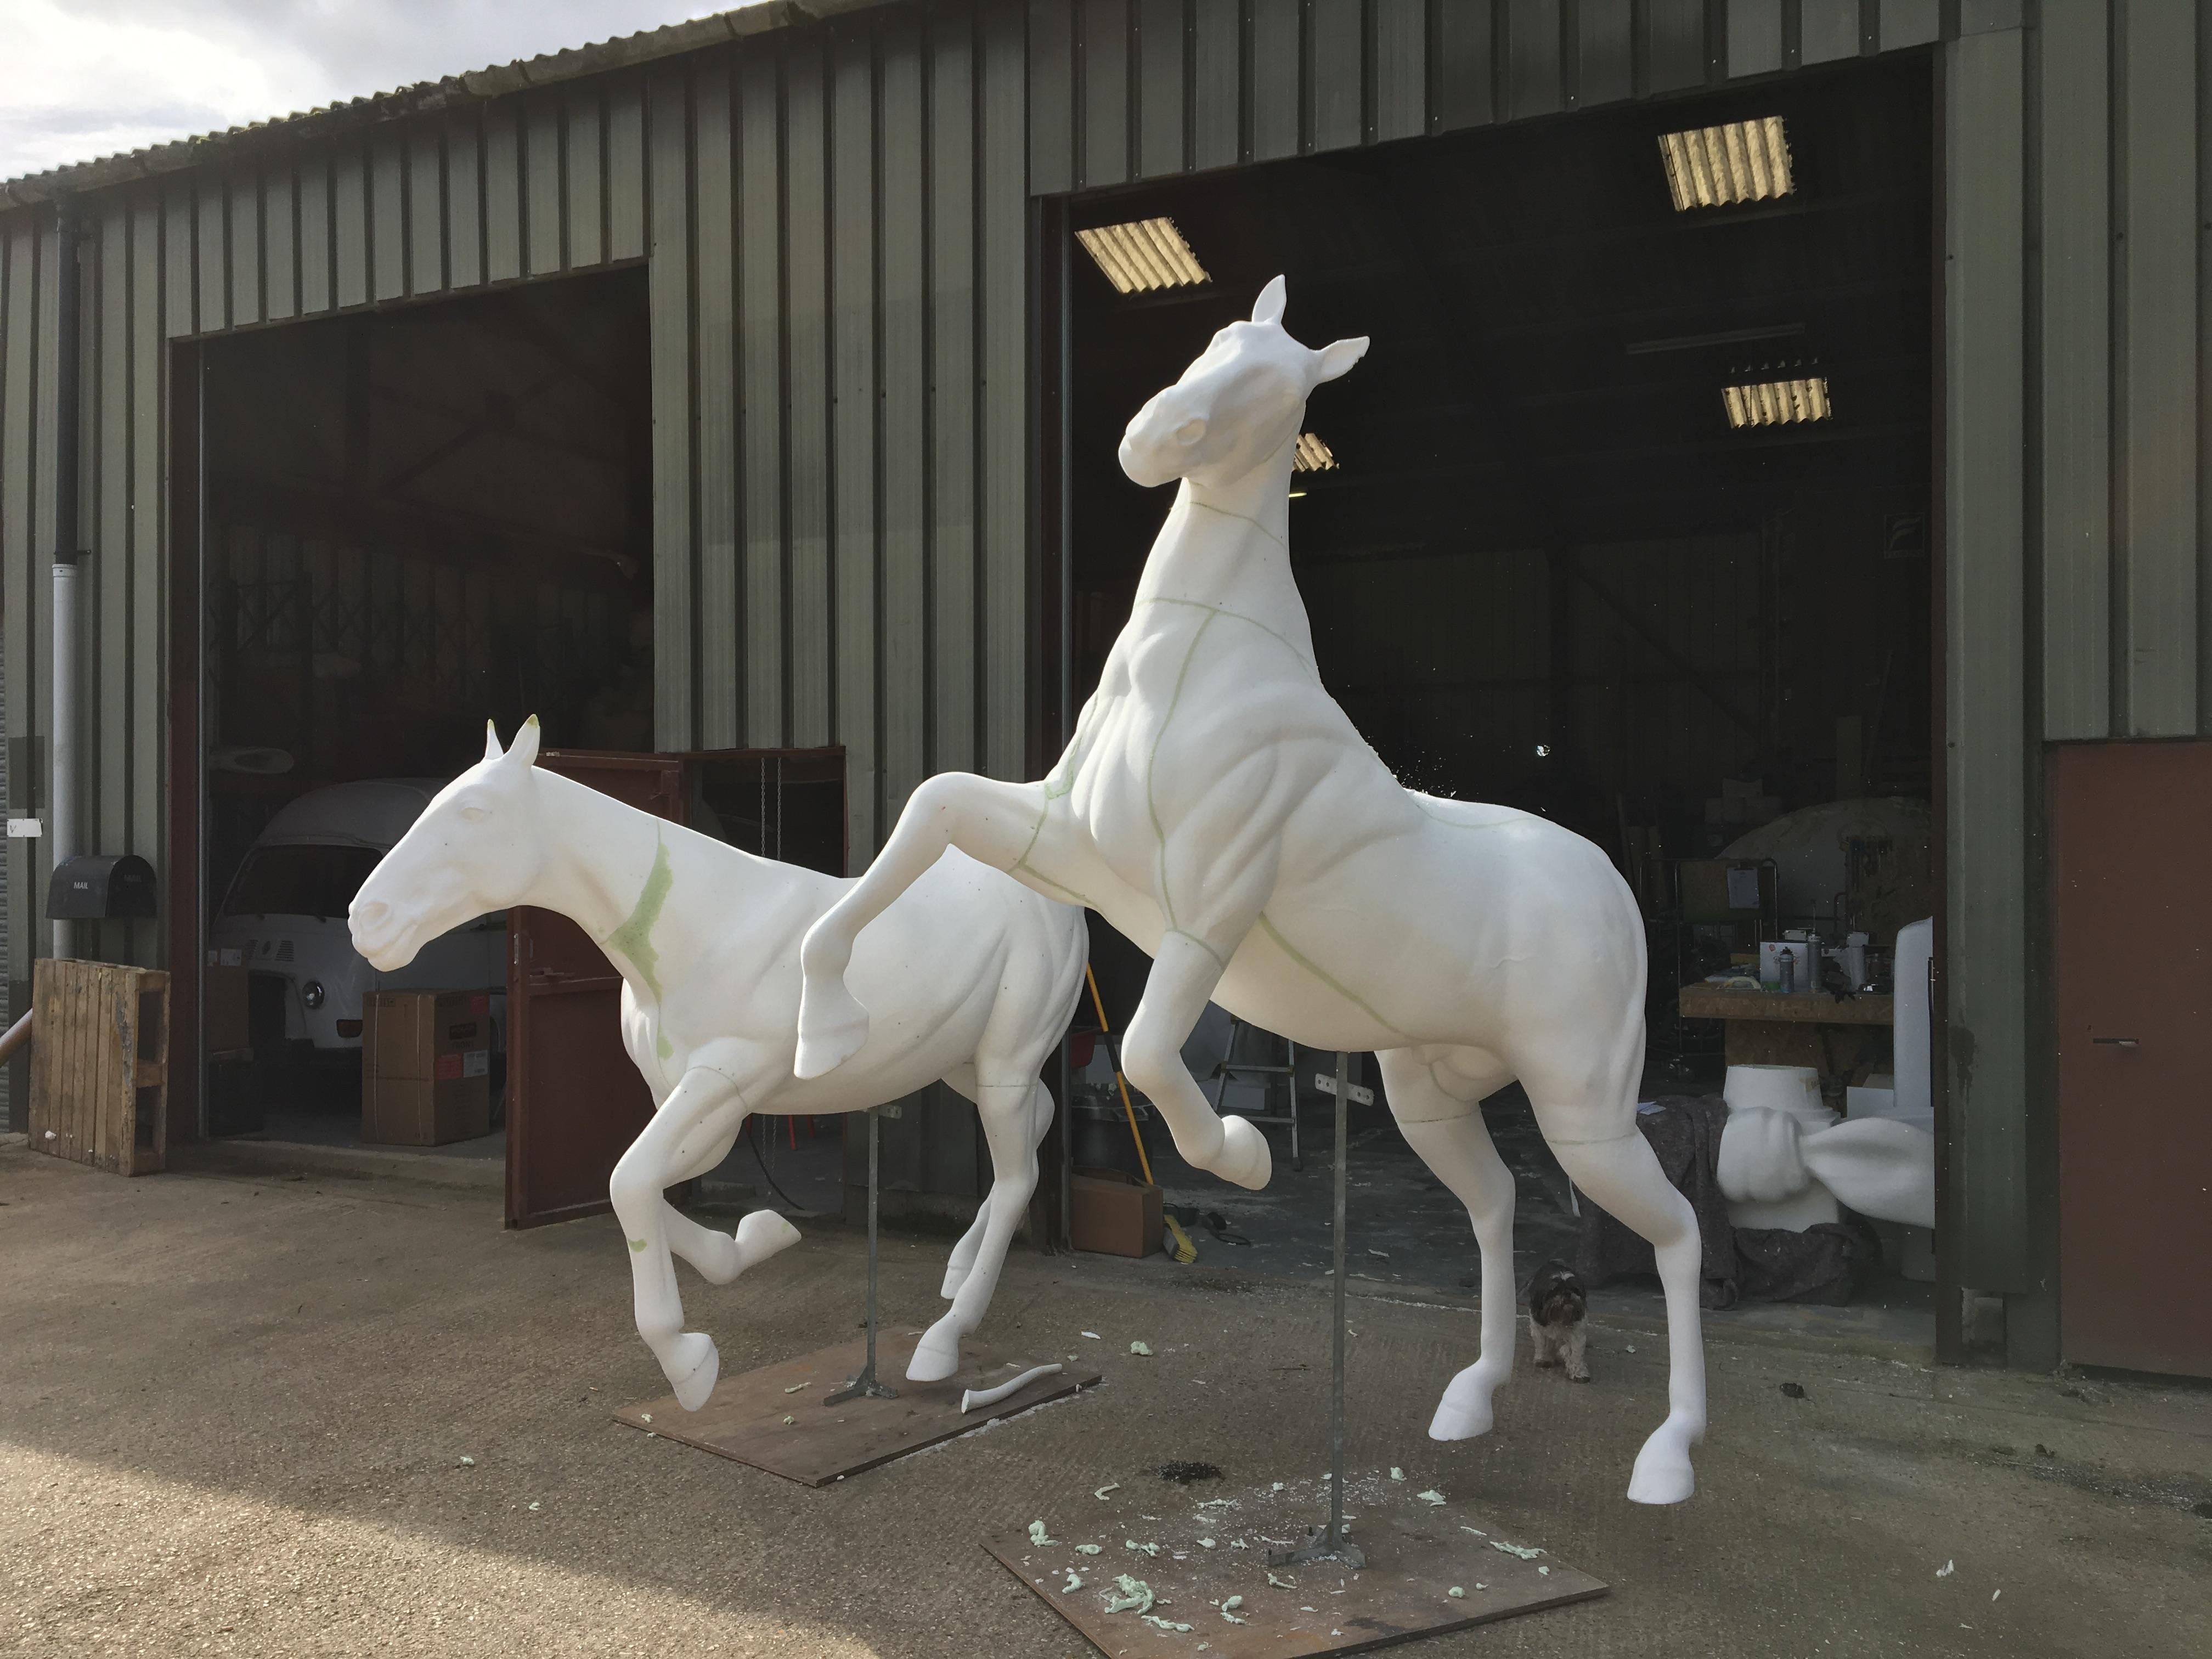 Horses assembled